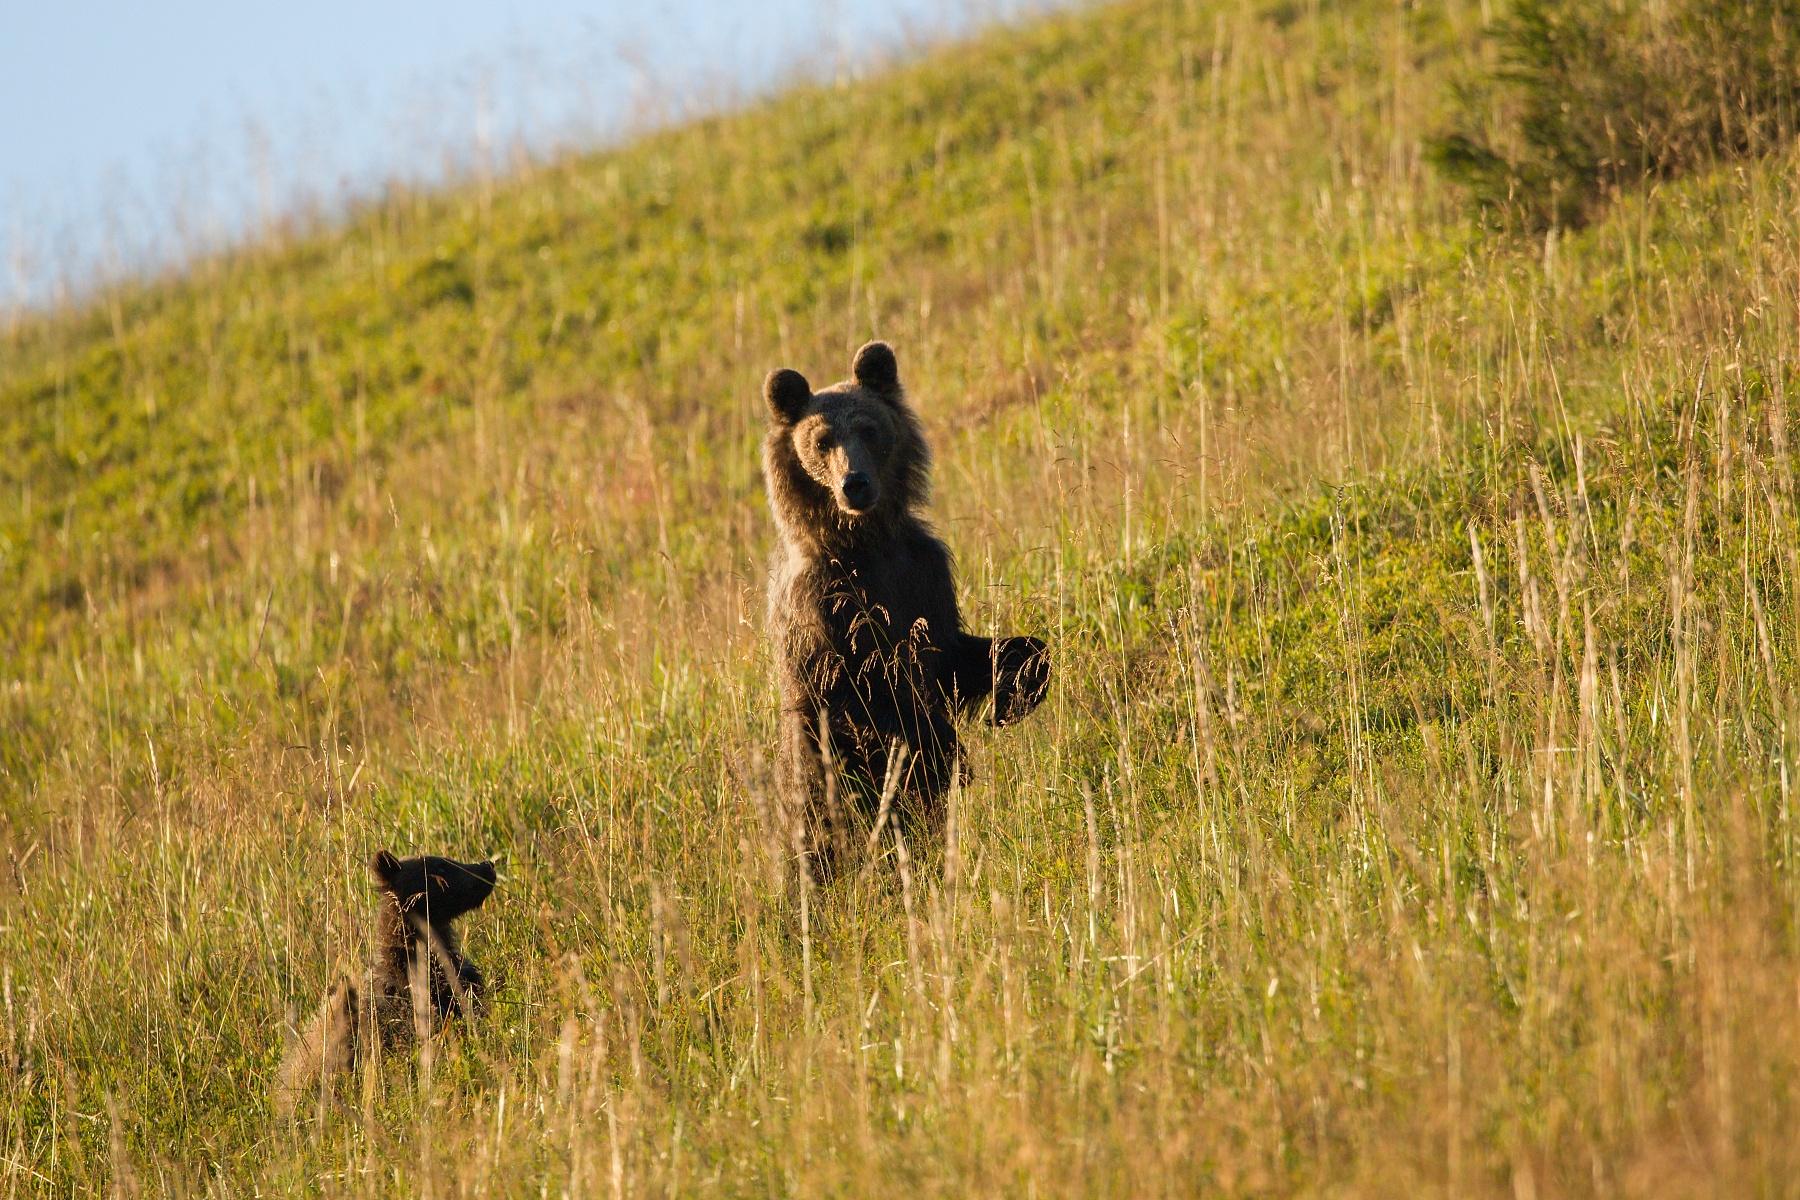 medveď hnedý (Ursus arctos) Brown bear, Veľká Fatra, Slovensko (2)